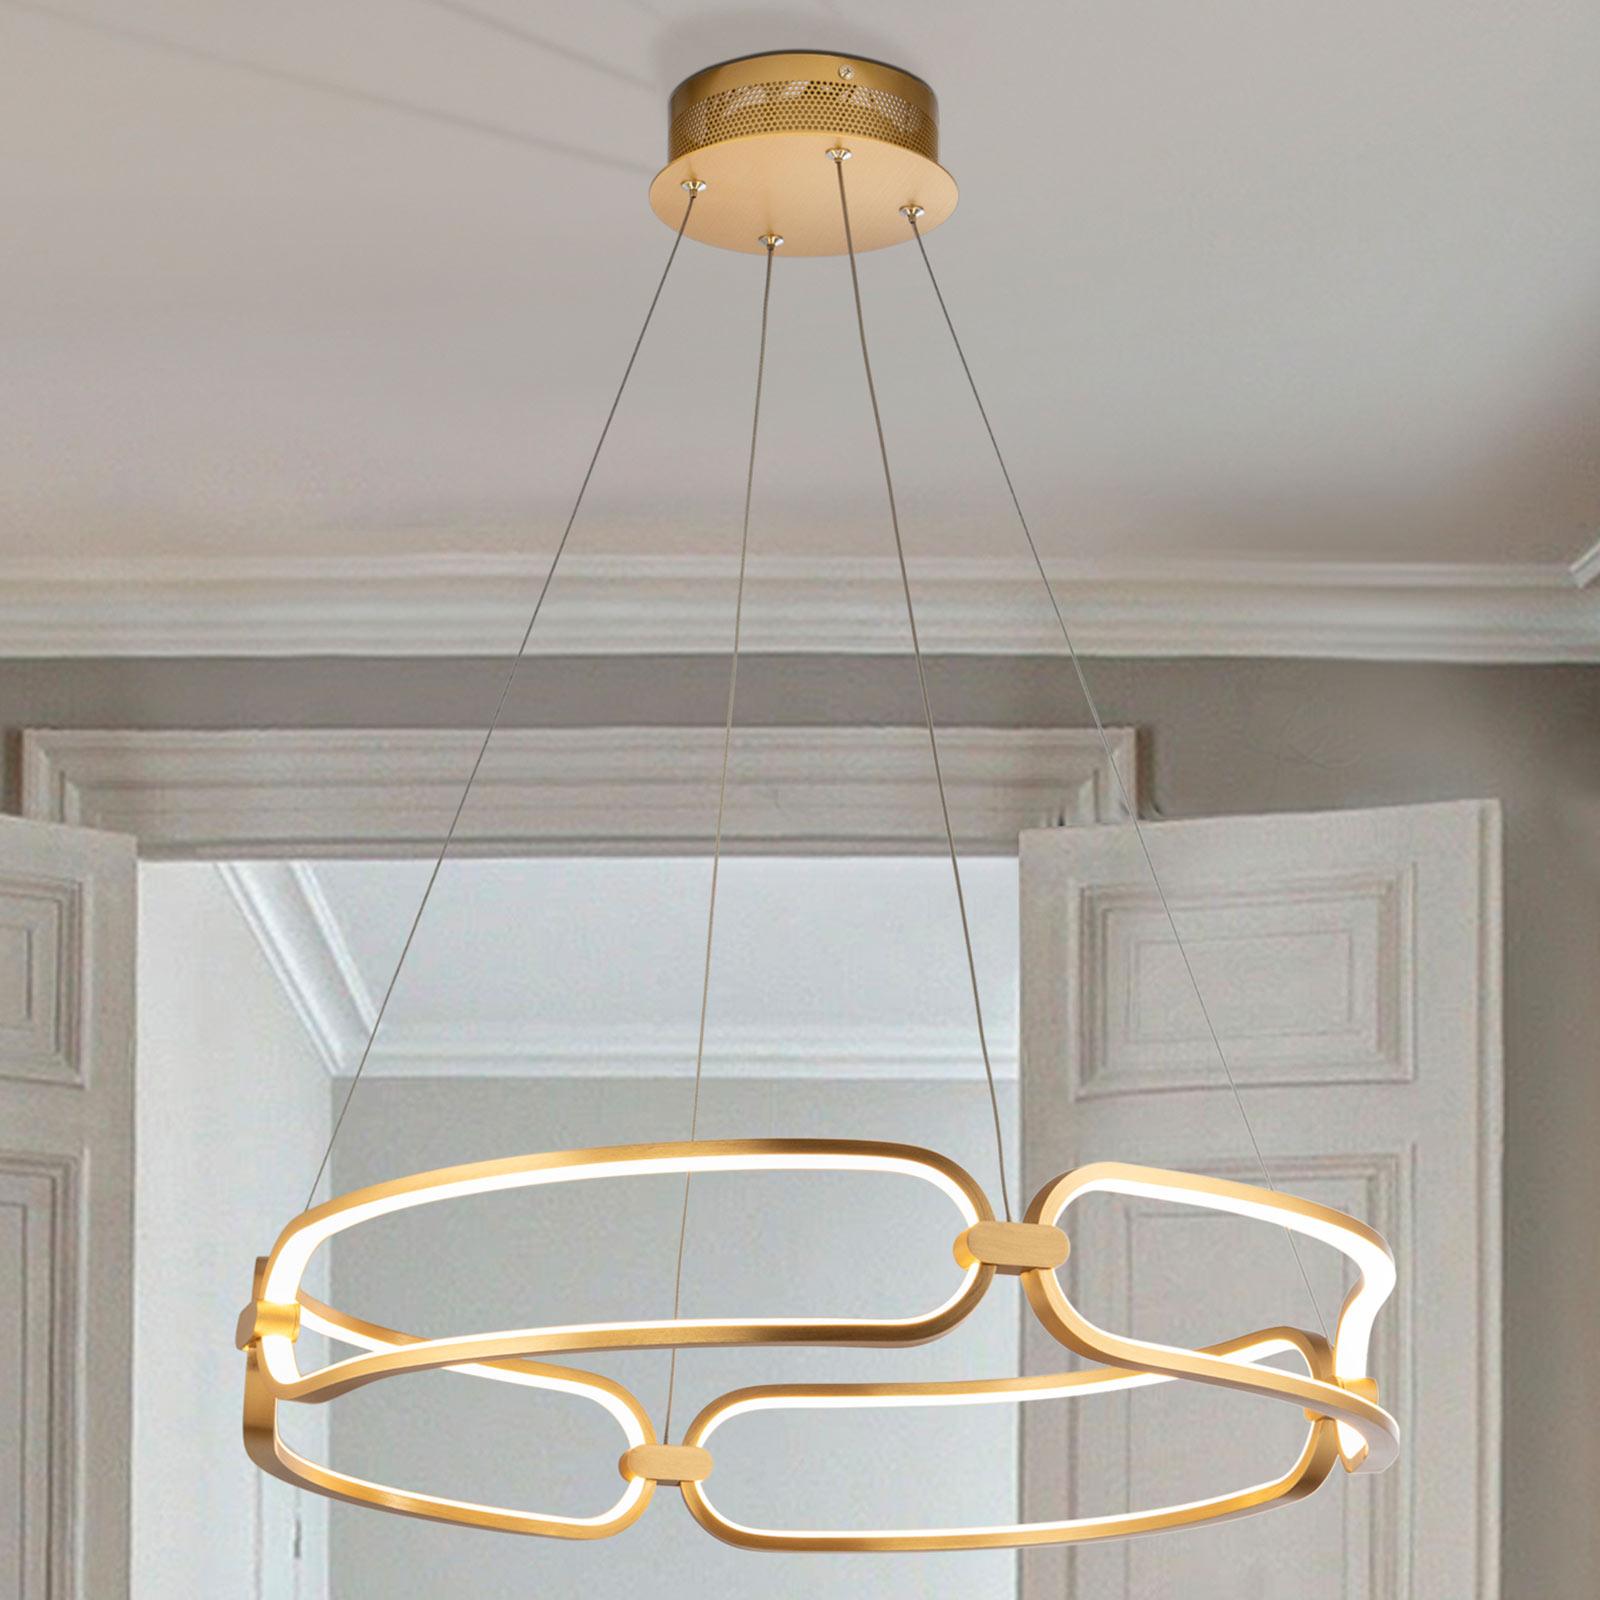 Lampa wisząca LED Colette, złota